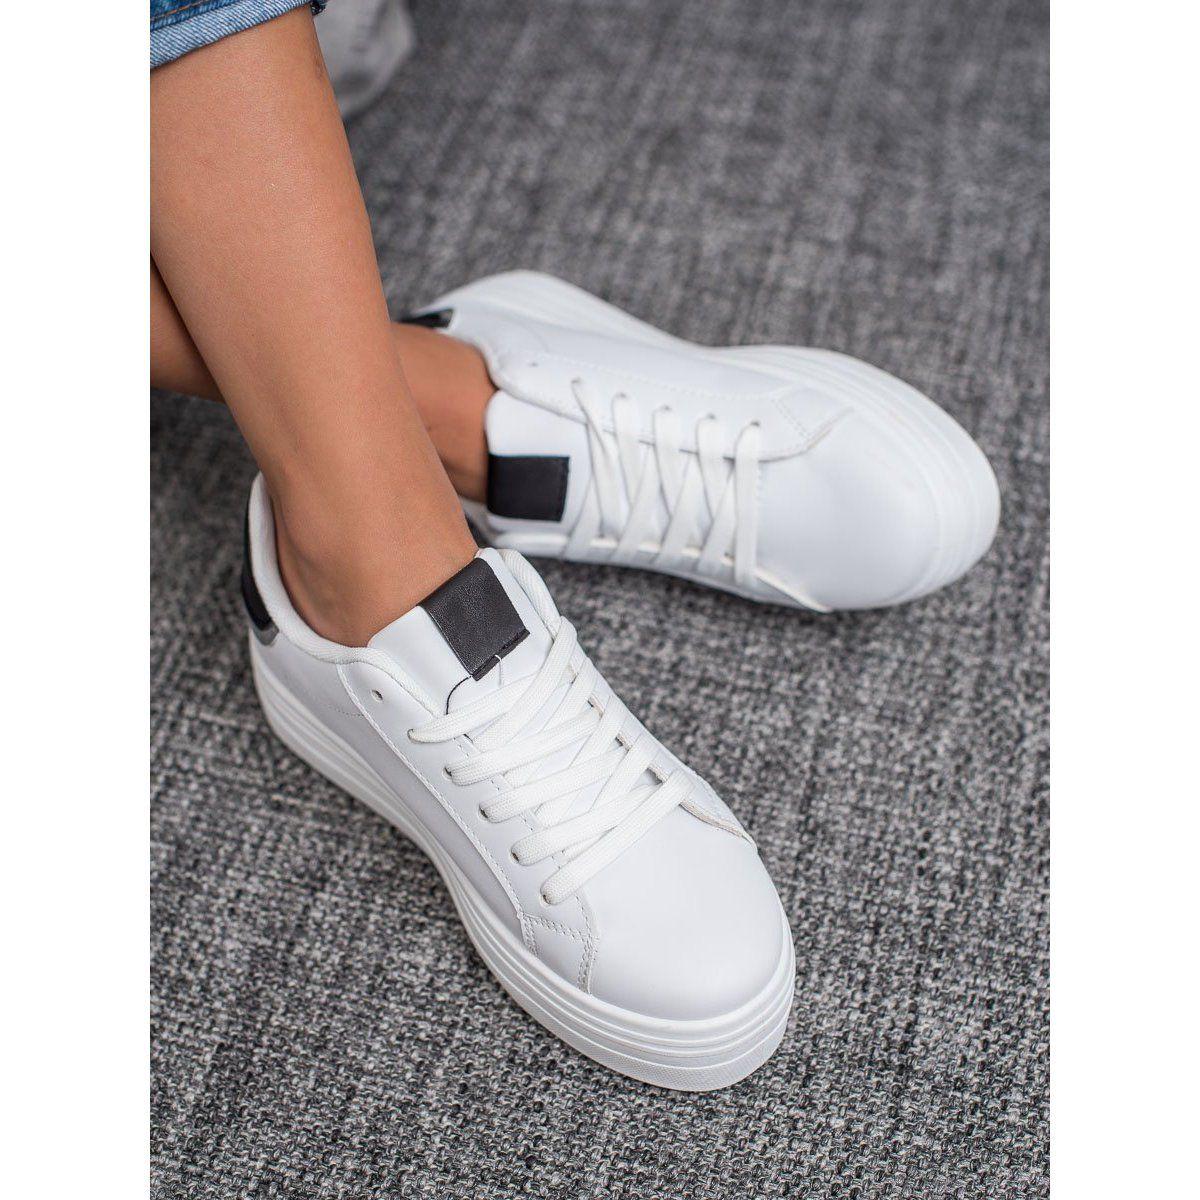 Shelovet Modne Buty Sportowe Biale Shoes White Sneaker Sneakers